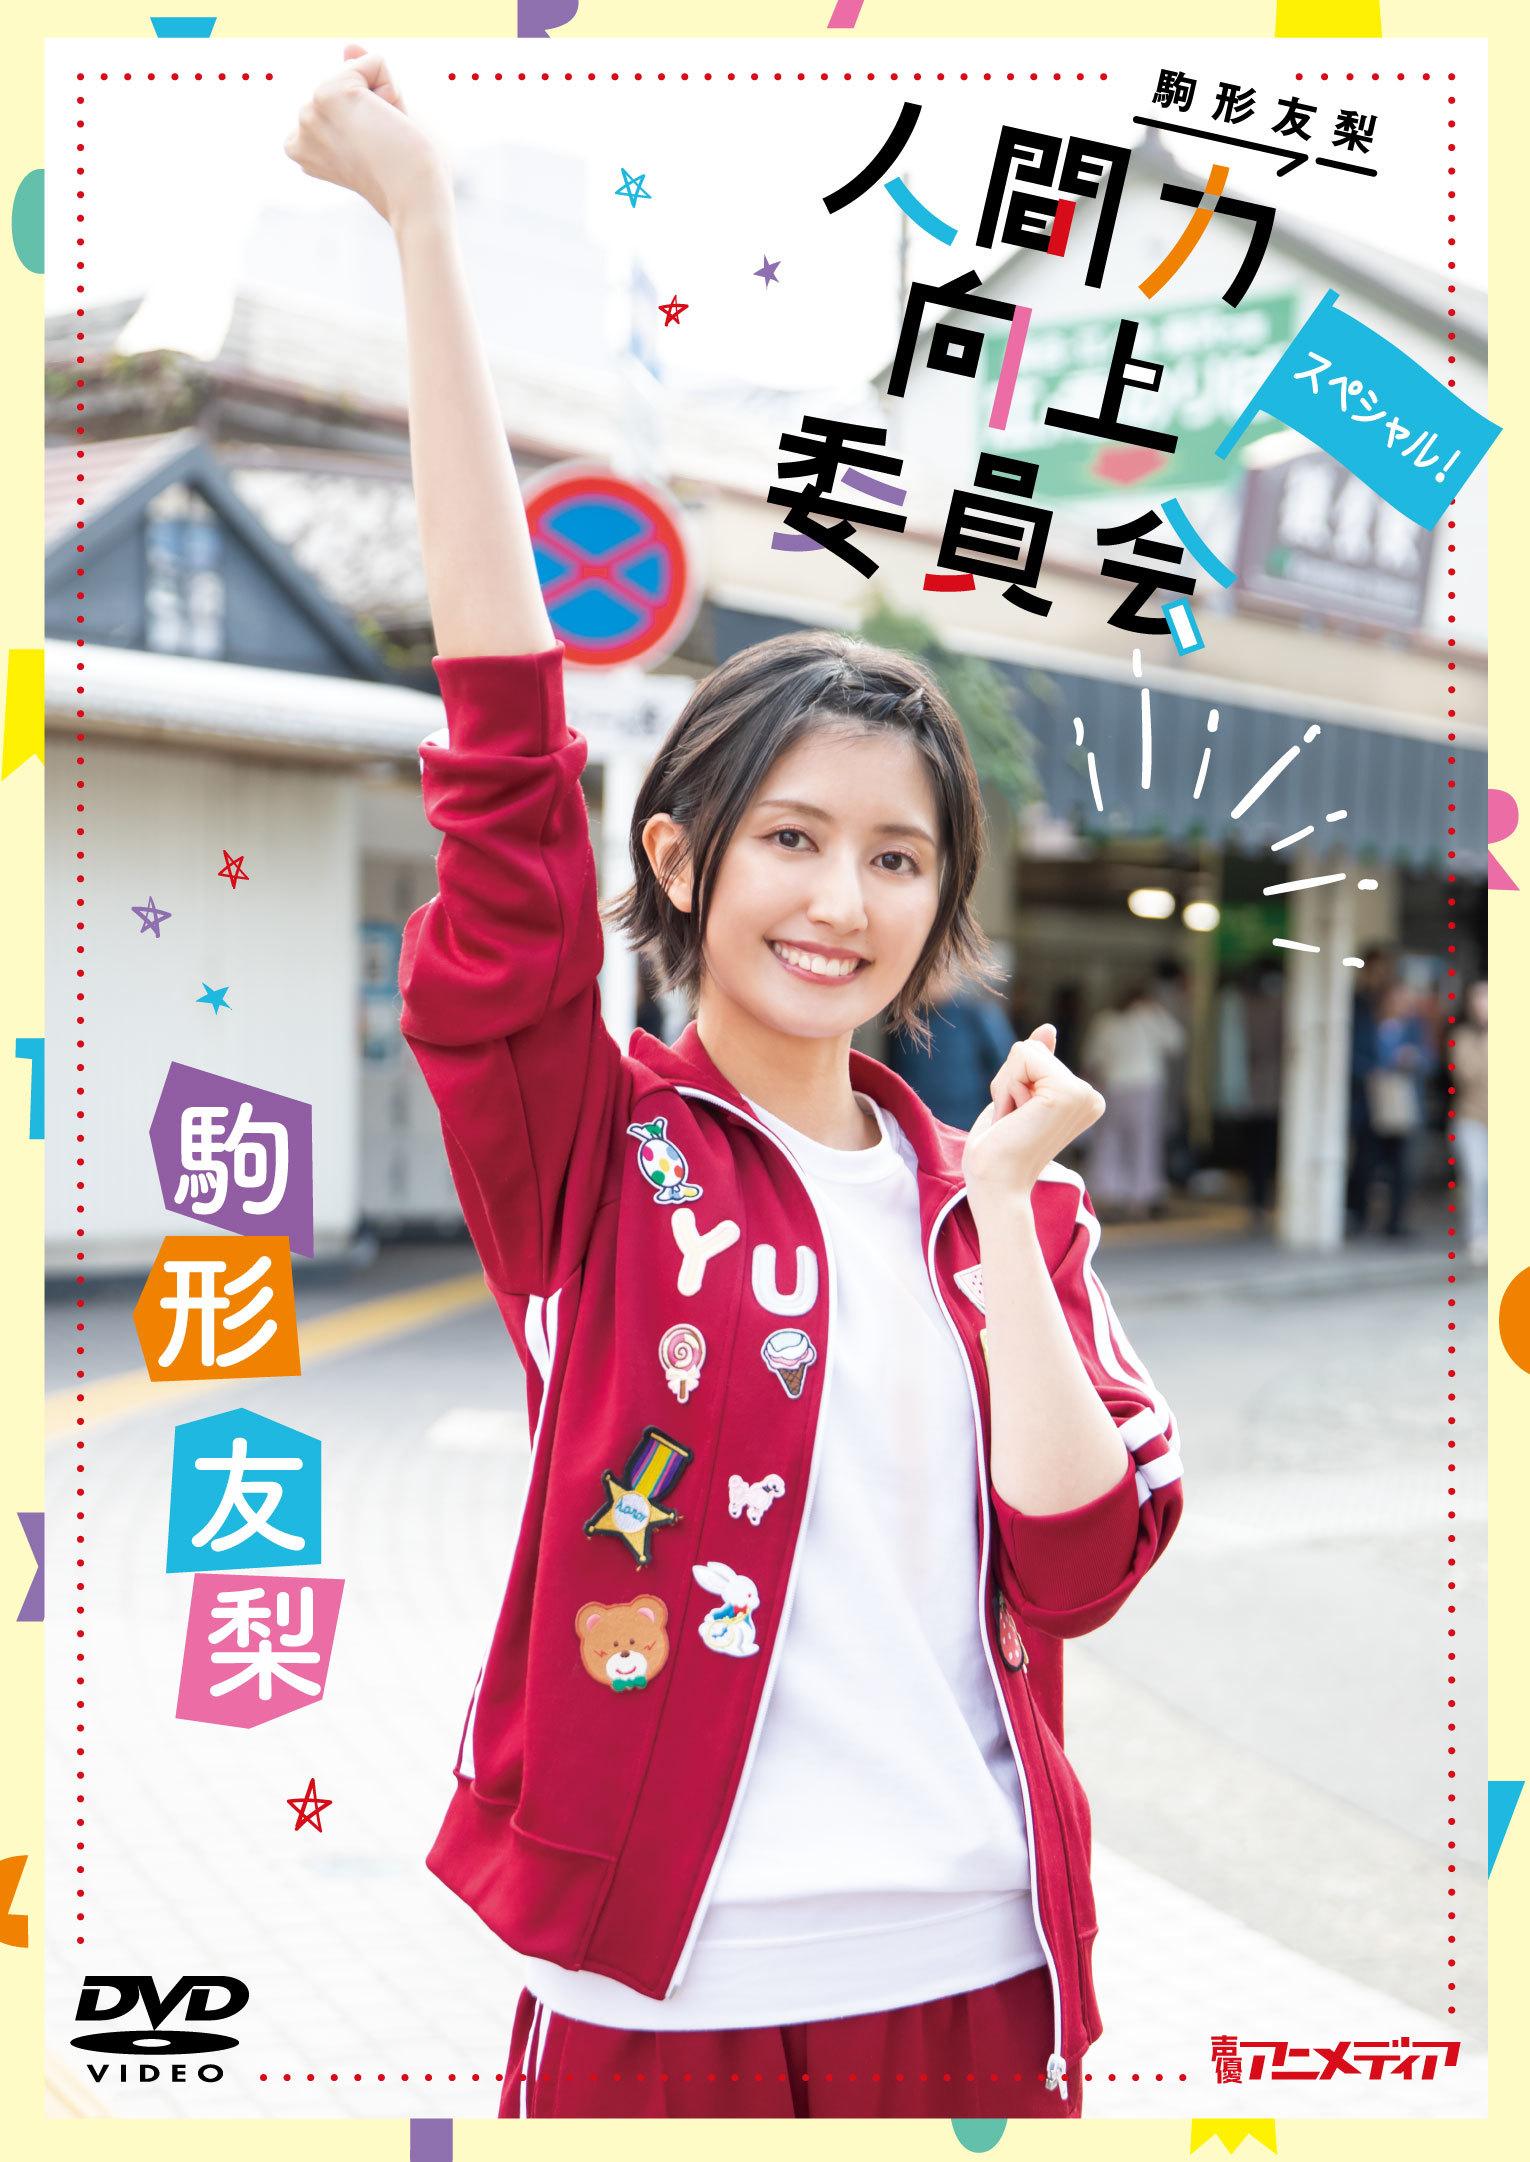 『駒形友梨DVD人間力向上委員会 スペシャル!』ジャケット